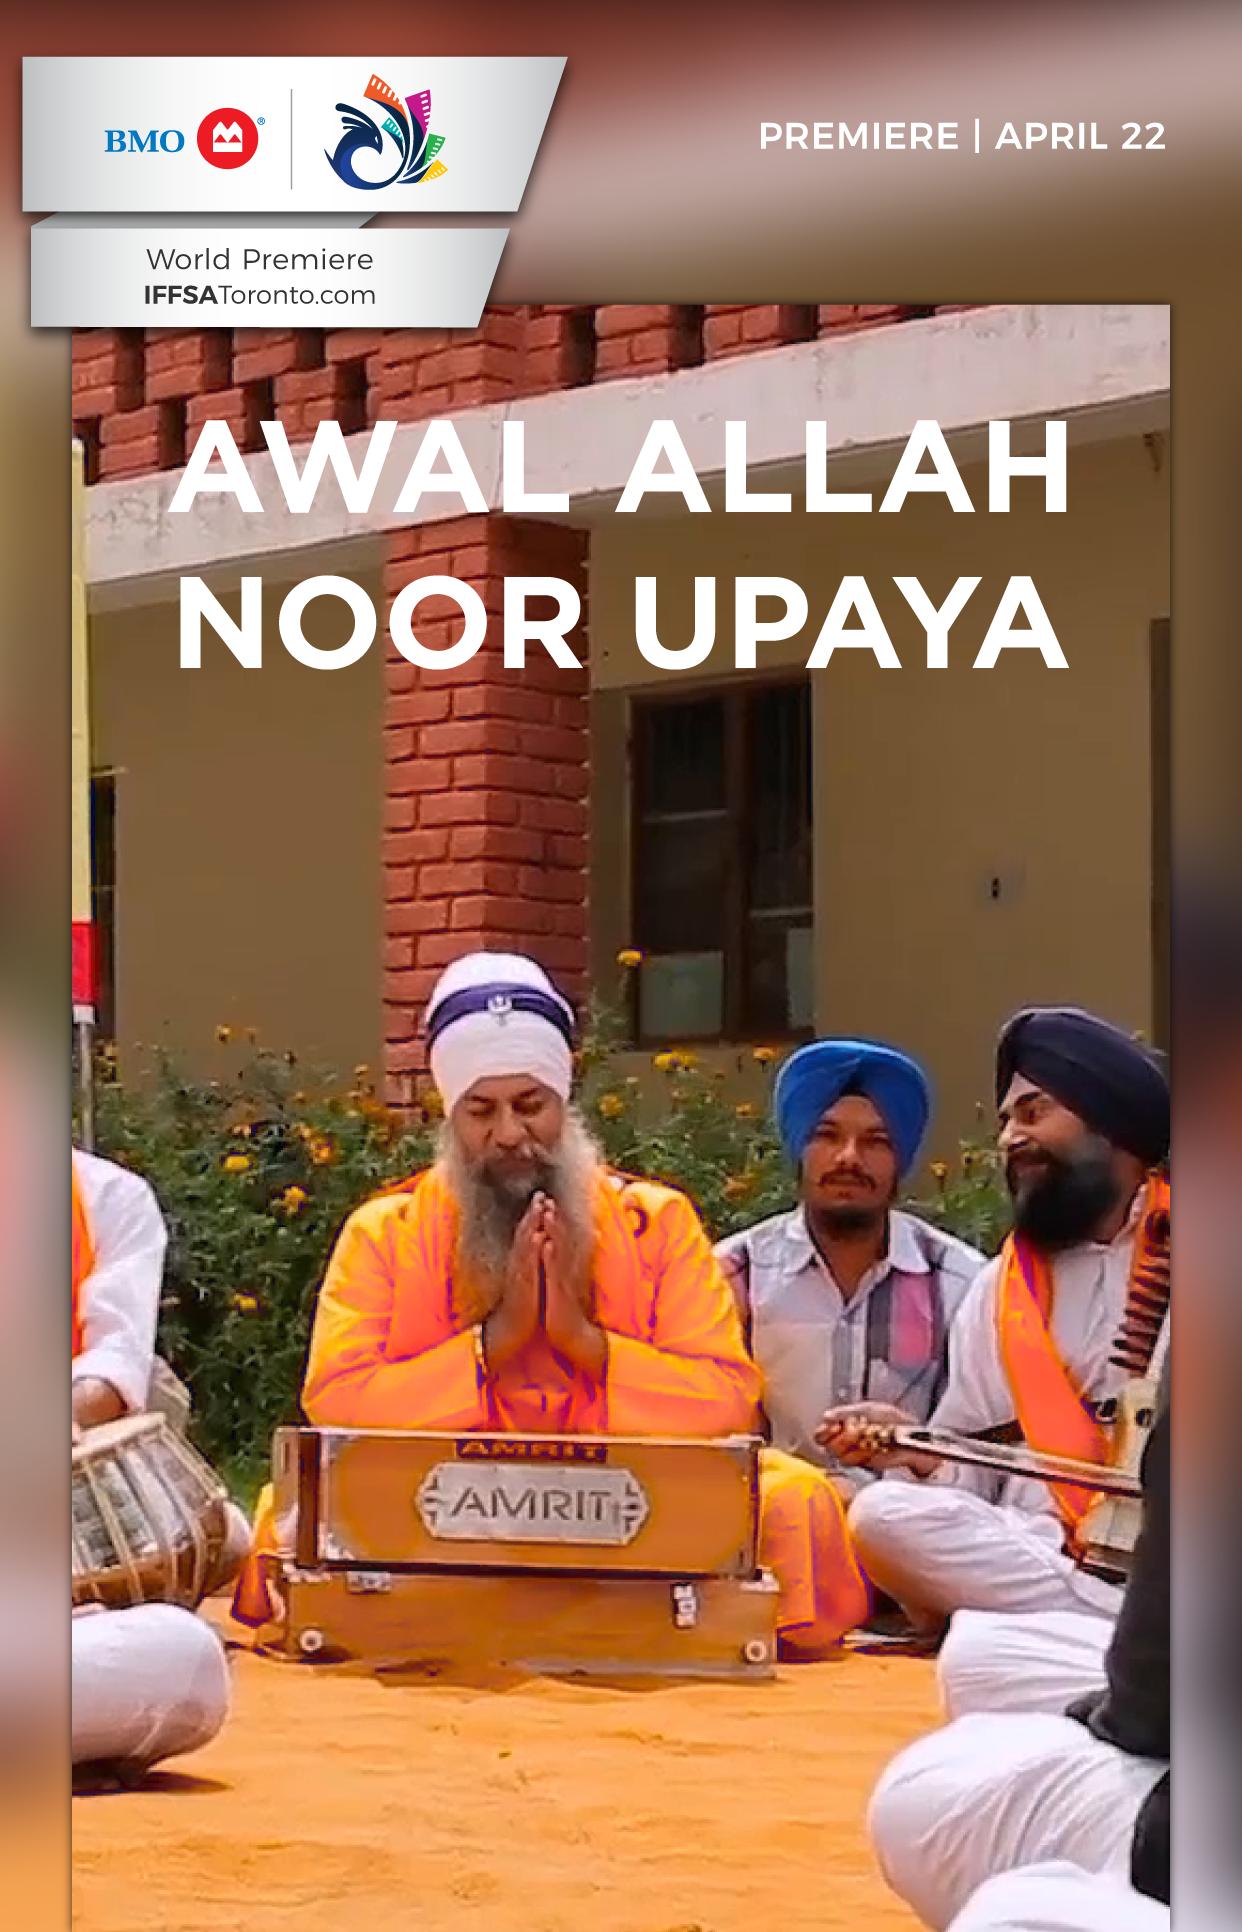 Awal_Allah_Noor_Upaya